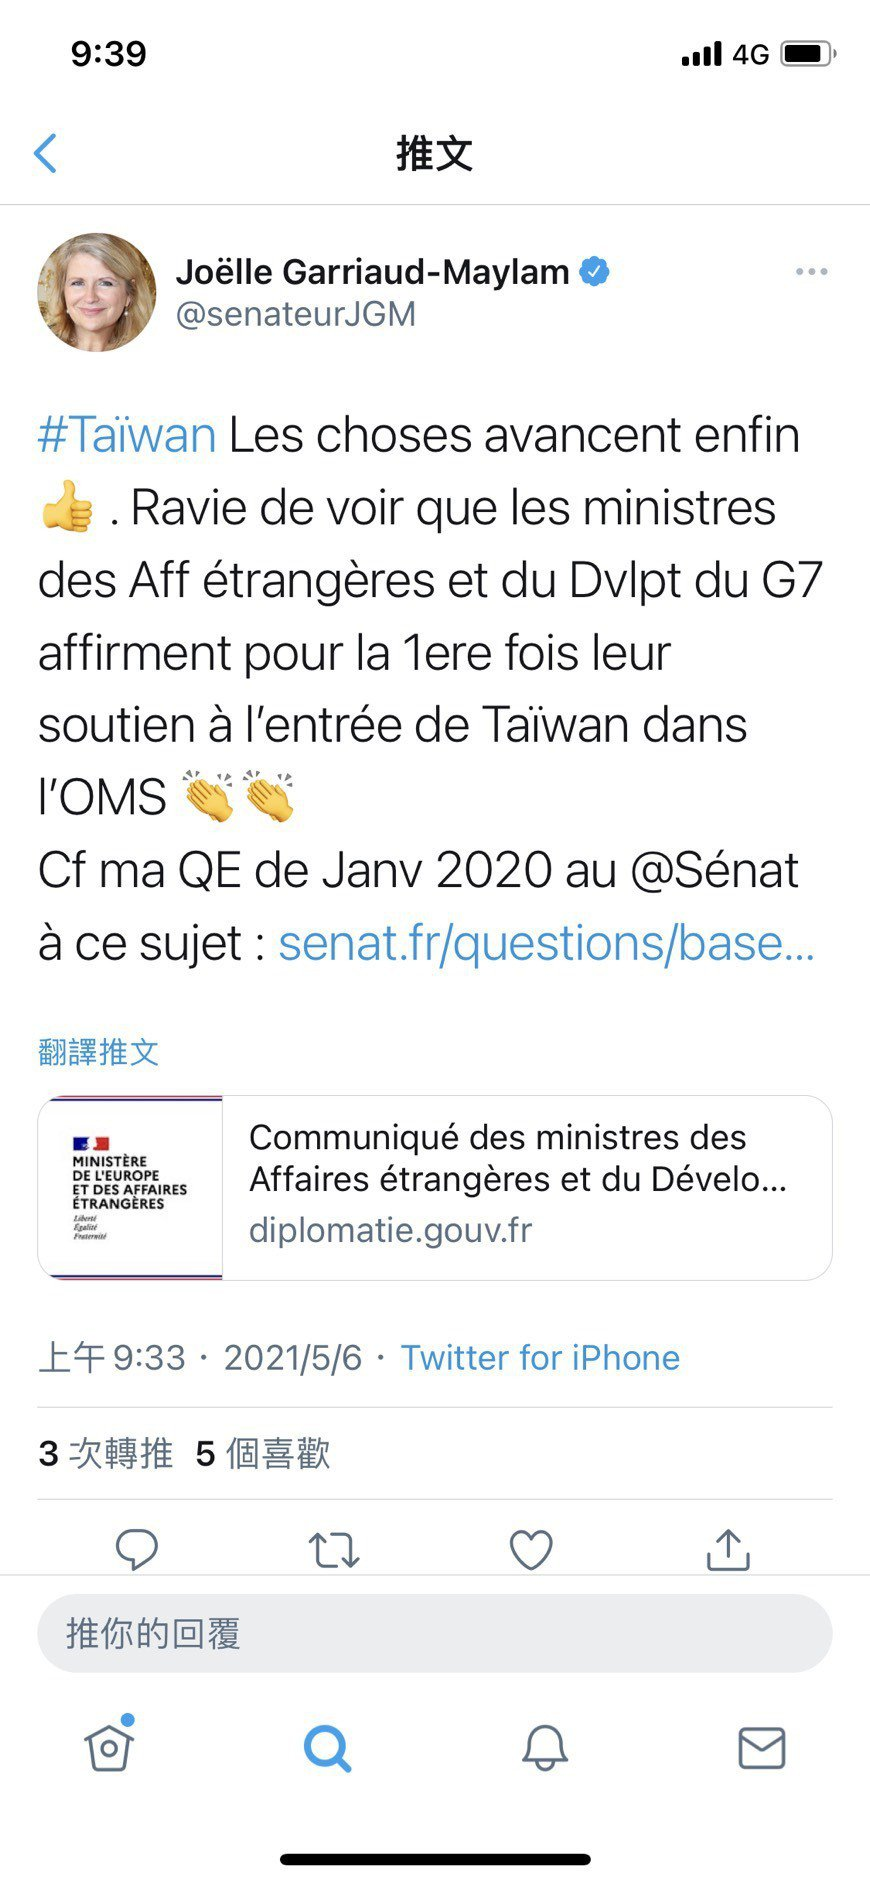 法國參議員在推特貼文表達很高興看到G7支持台灣參與世衛組織。